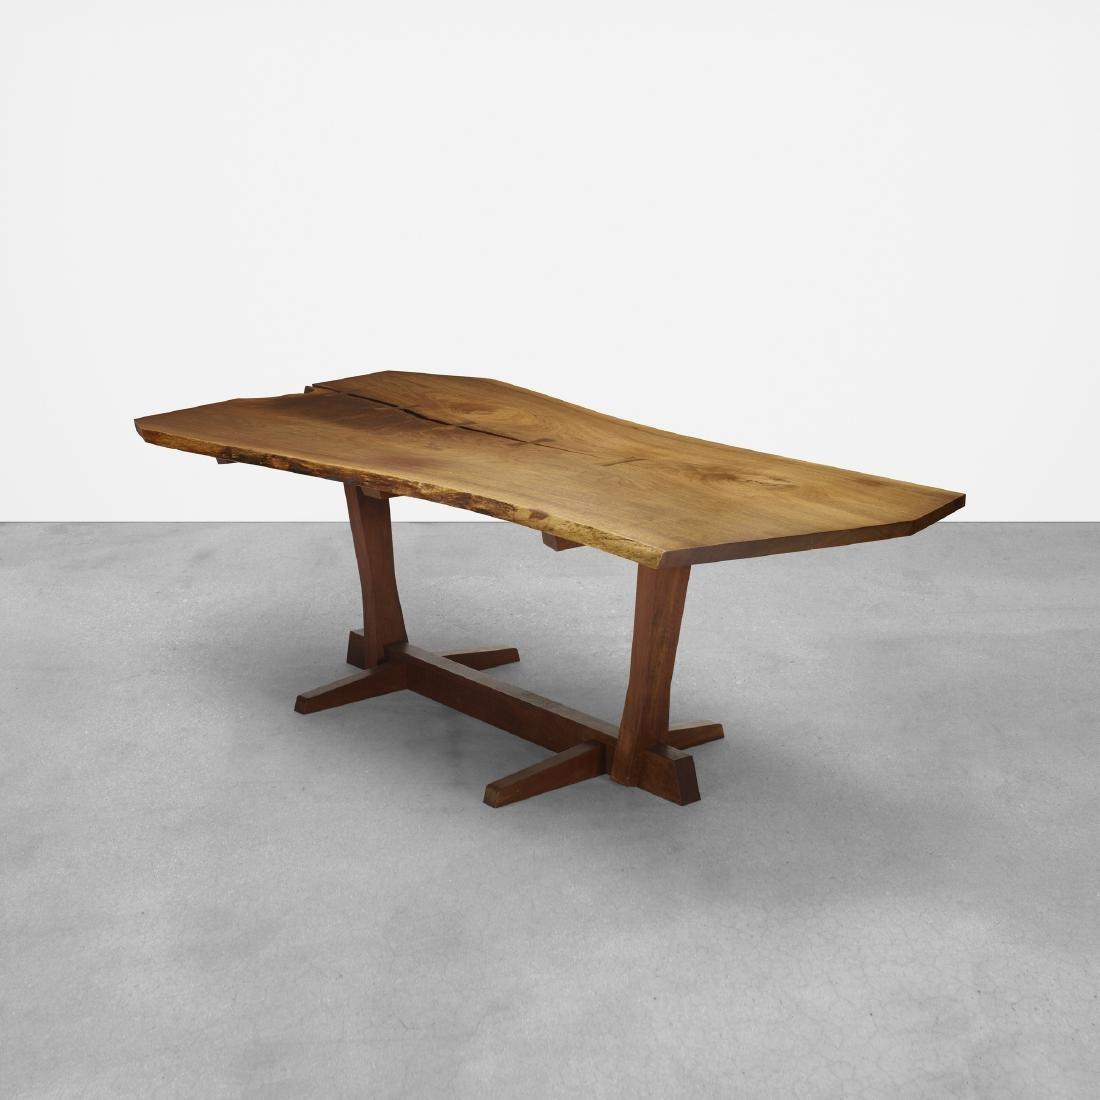 George Nakashima, Conoid dining table